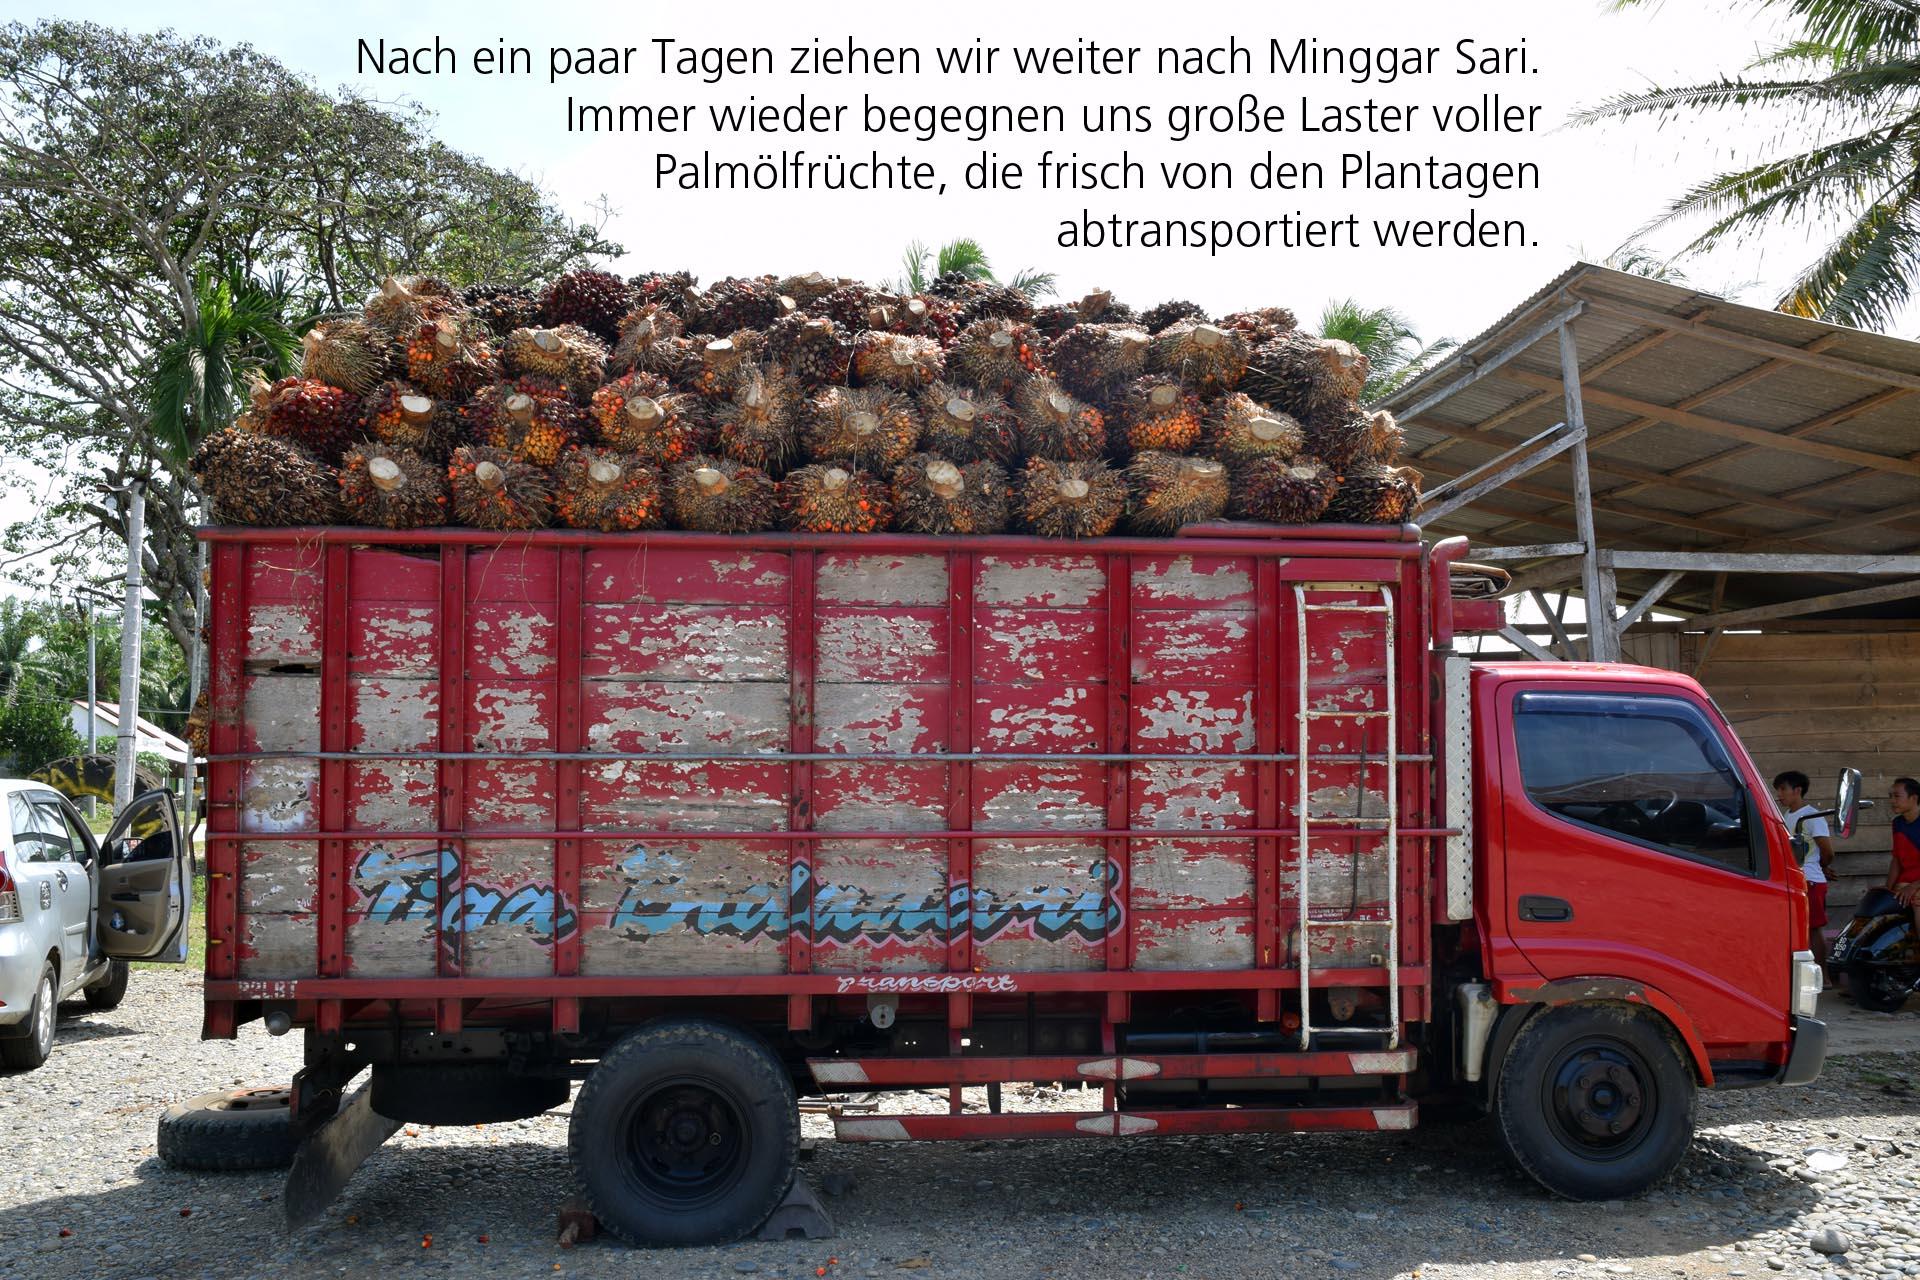 Palmölfrüchte auf Laster